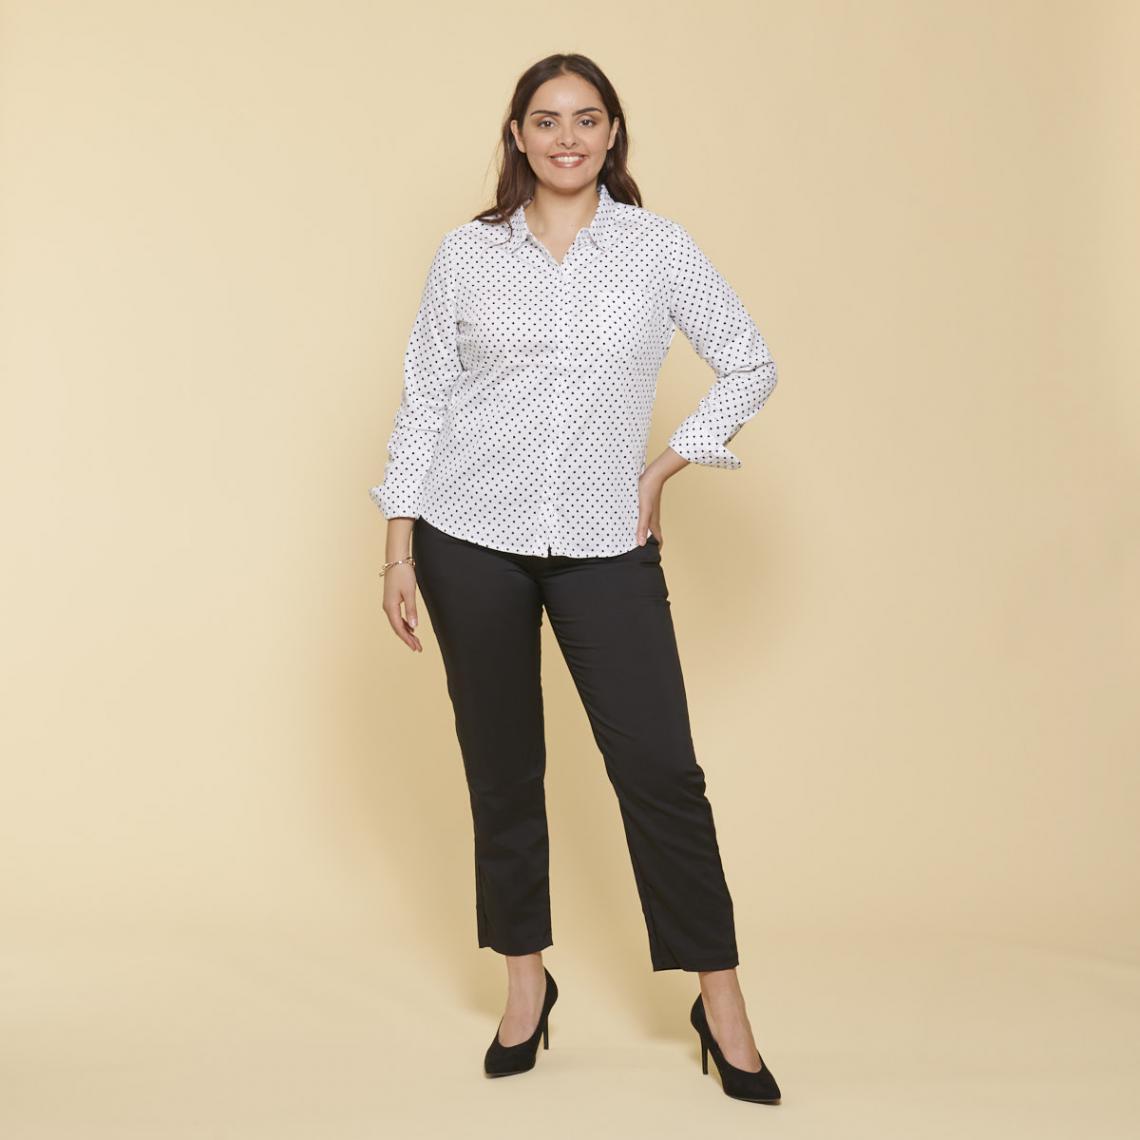 Chemise manches longues bas arrondi - Blanc et - 3 SUISSES - Modalova